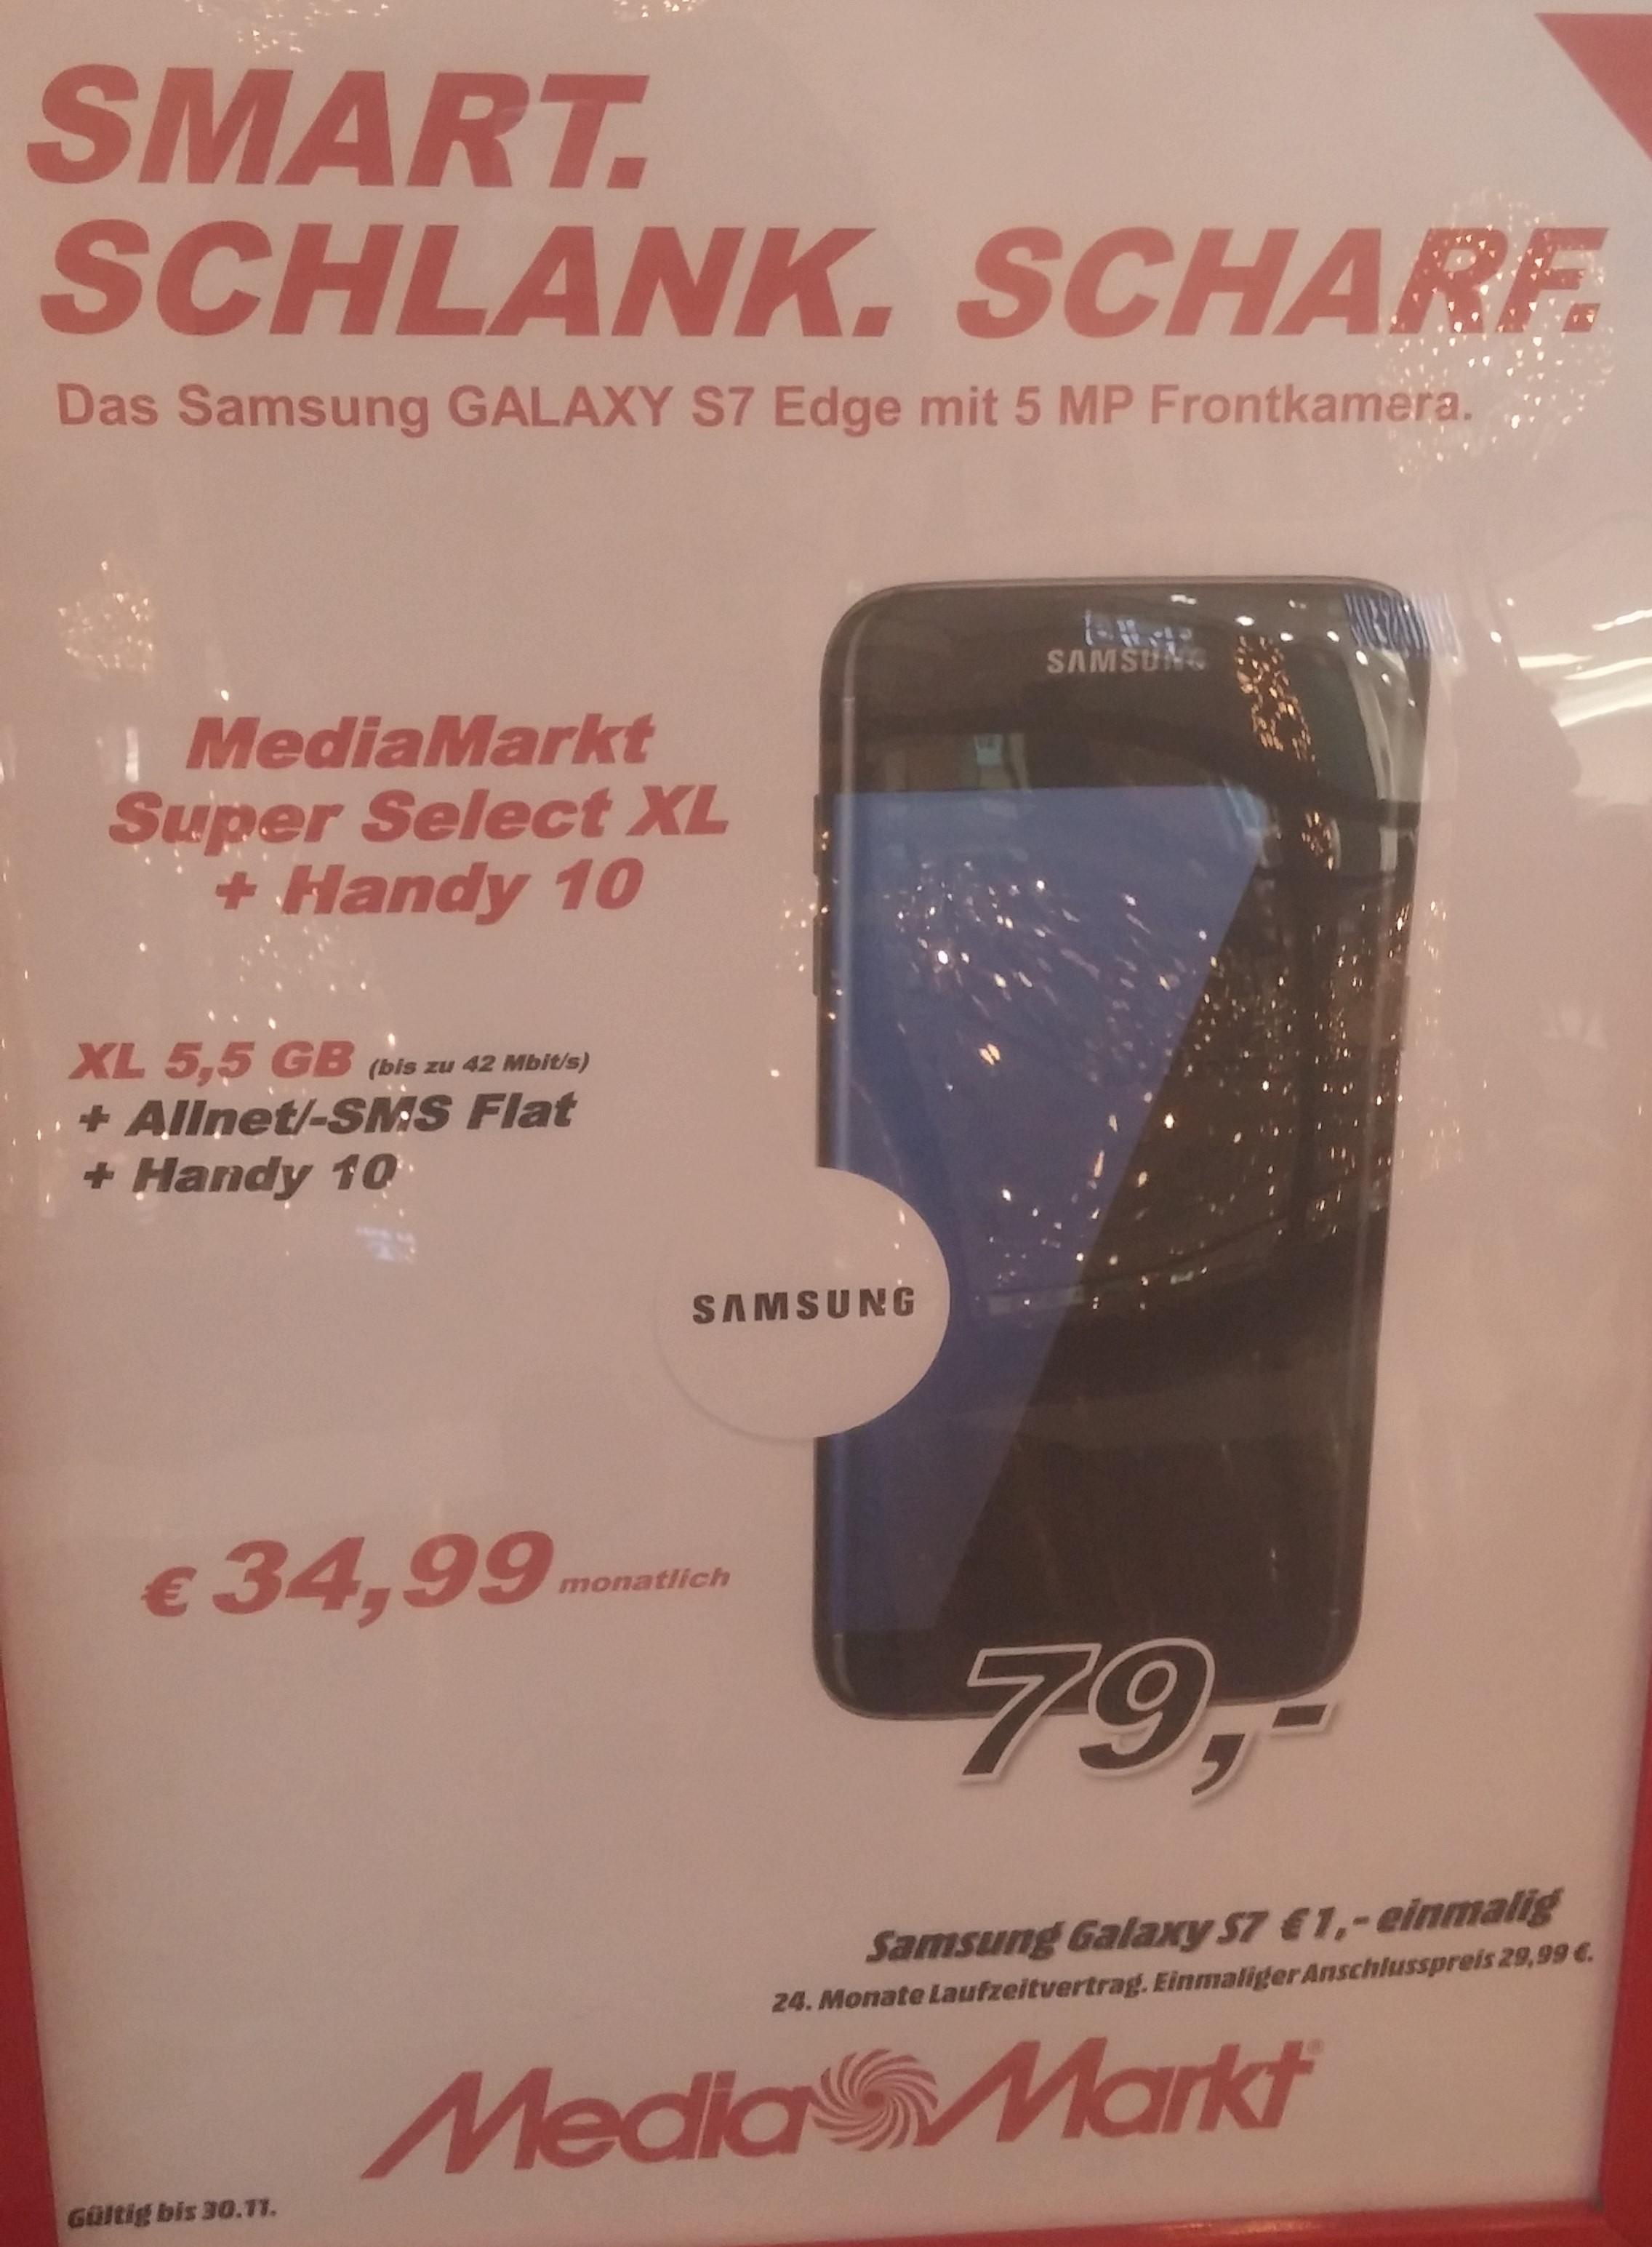 Samsung Galaxy S7 Edge mit 5,5GB LTE AllNet/SMS Flat für 34,99€